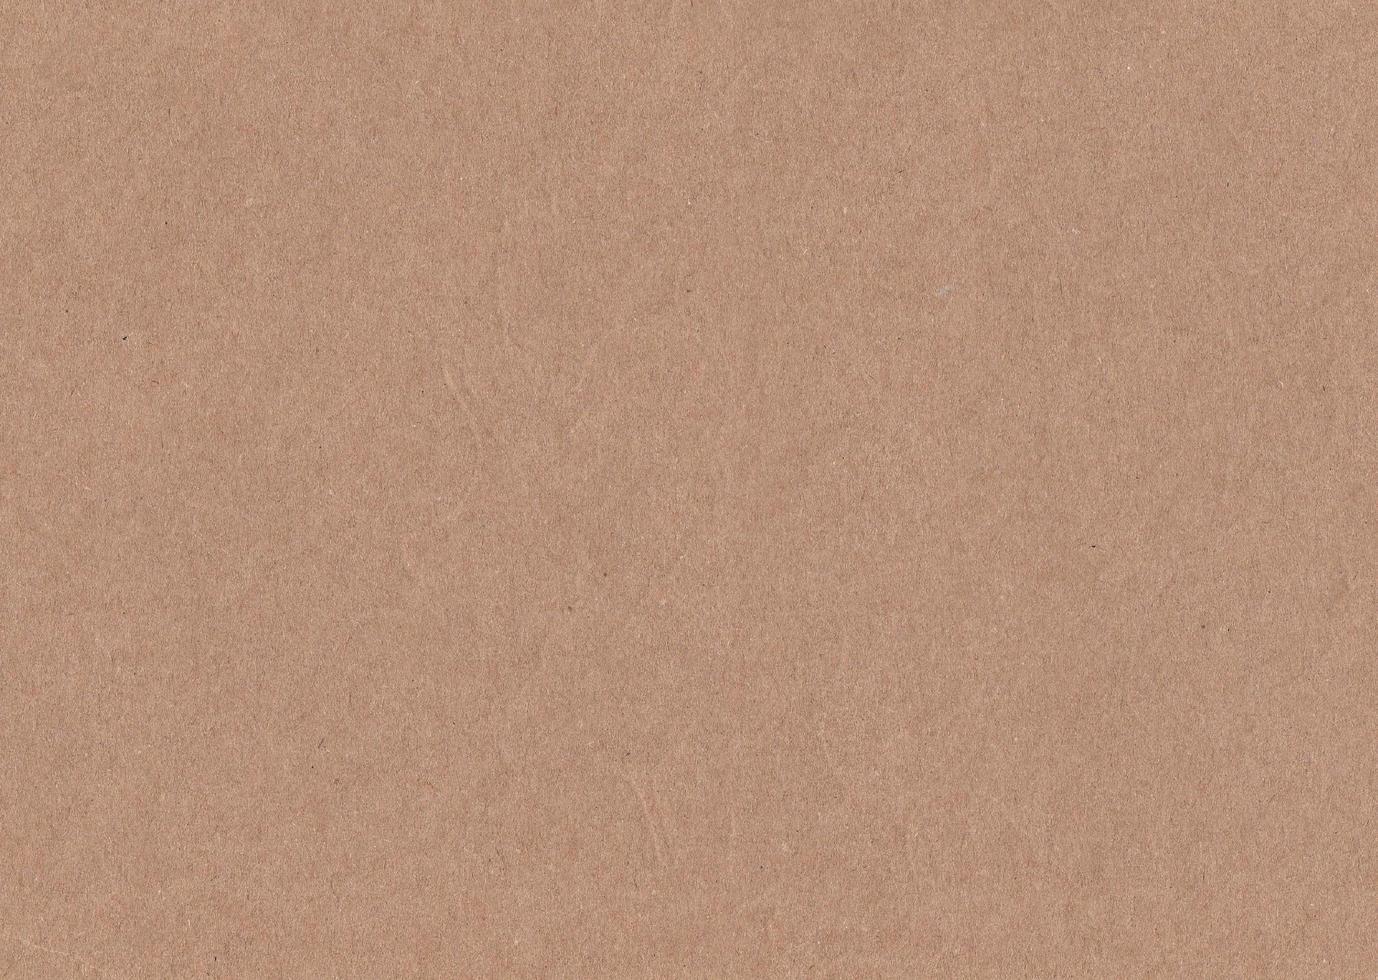 gammalt vintage brunt papper. texturerat bakgrund. stock foto. foto